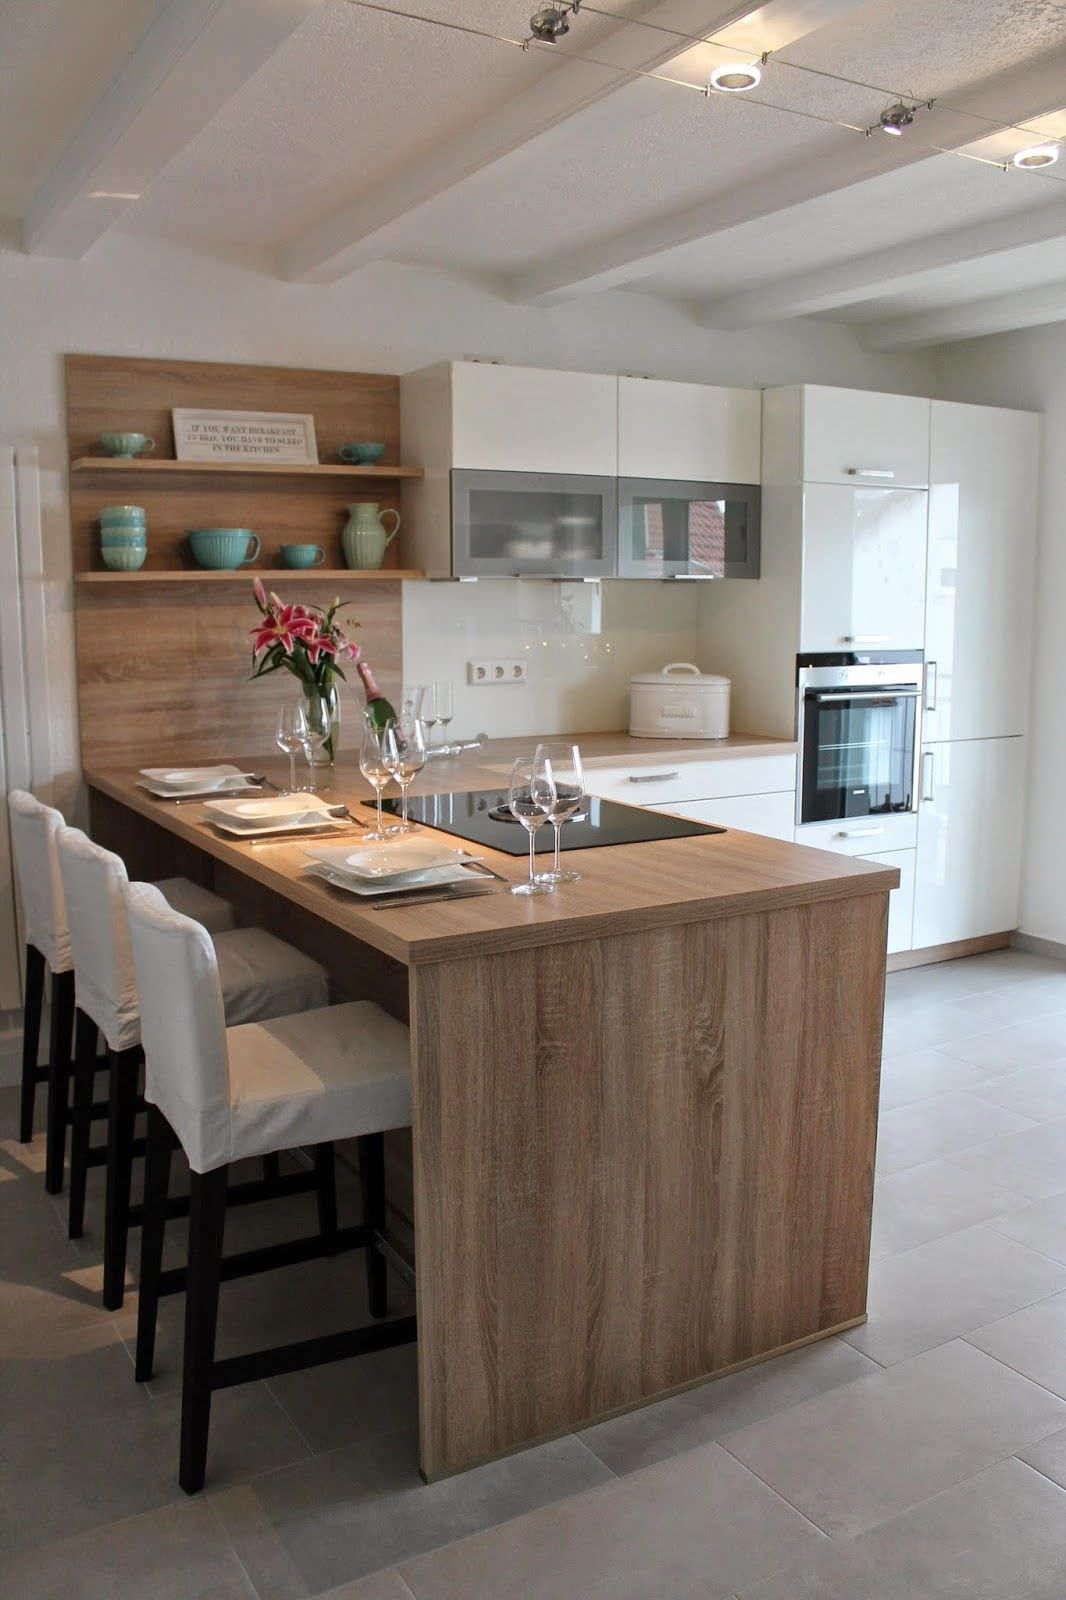 Cucine Moderne Con Disegni.100 Idee Cucine Moderne Stile E Design Per La Cucina